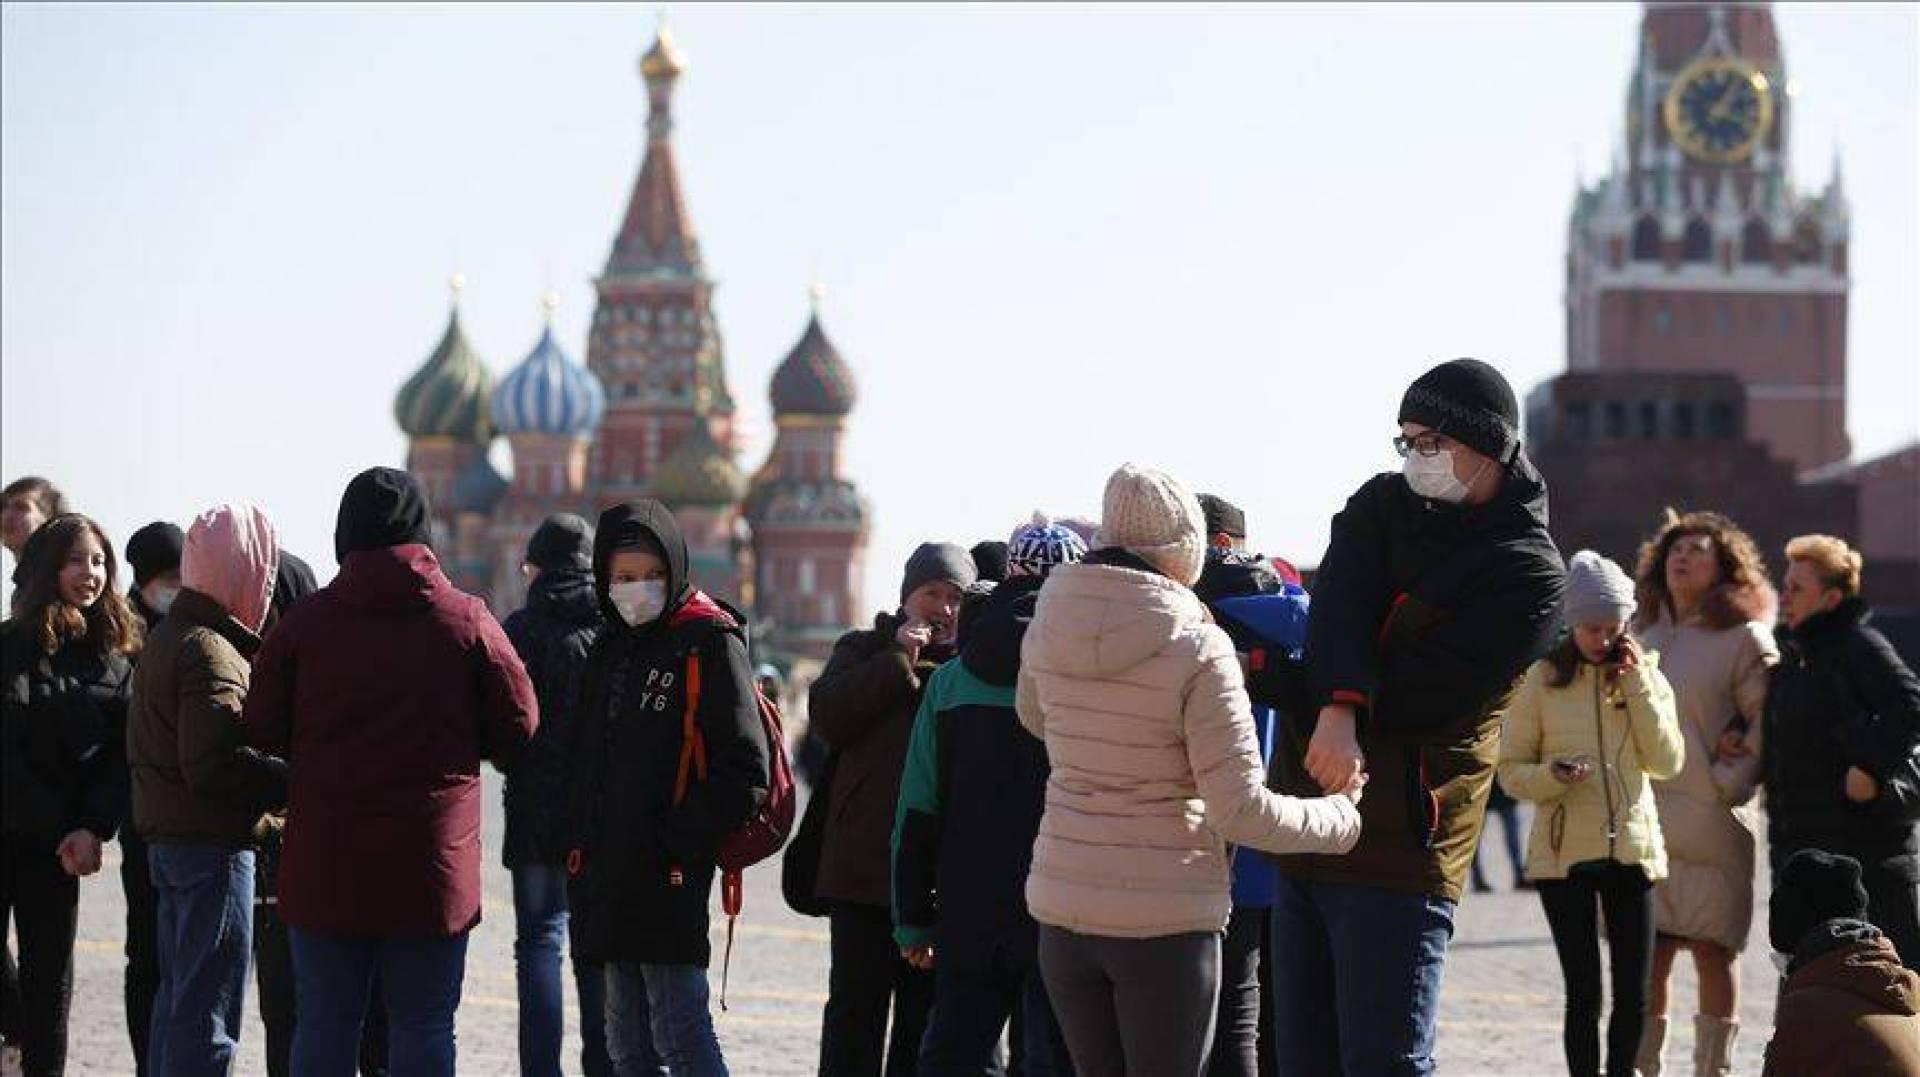 بعيدًا عن القيود الأوروبيّة...روسيا تحارب كورونا على طريقتها